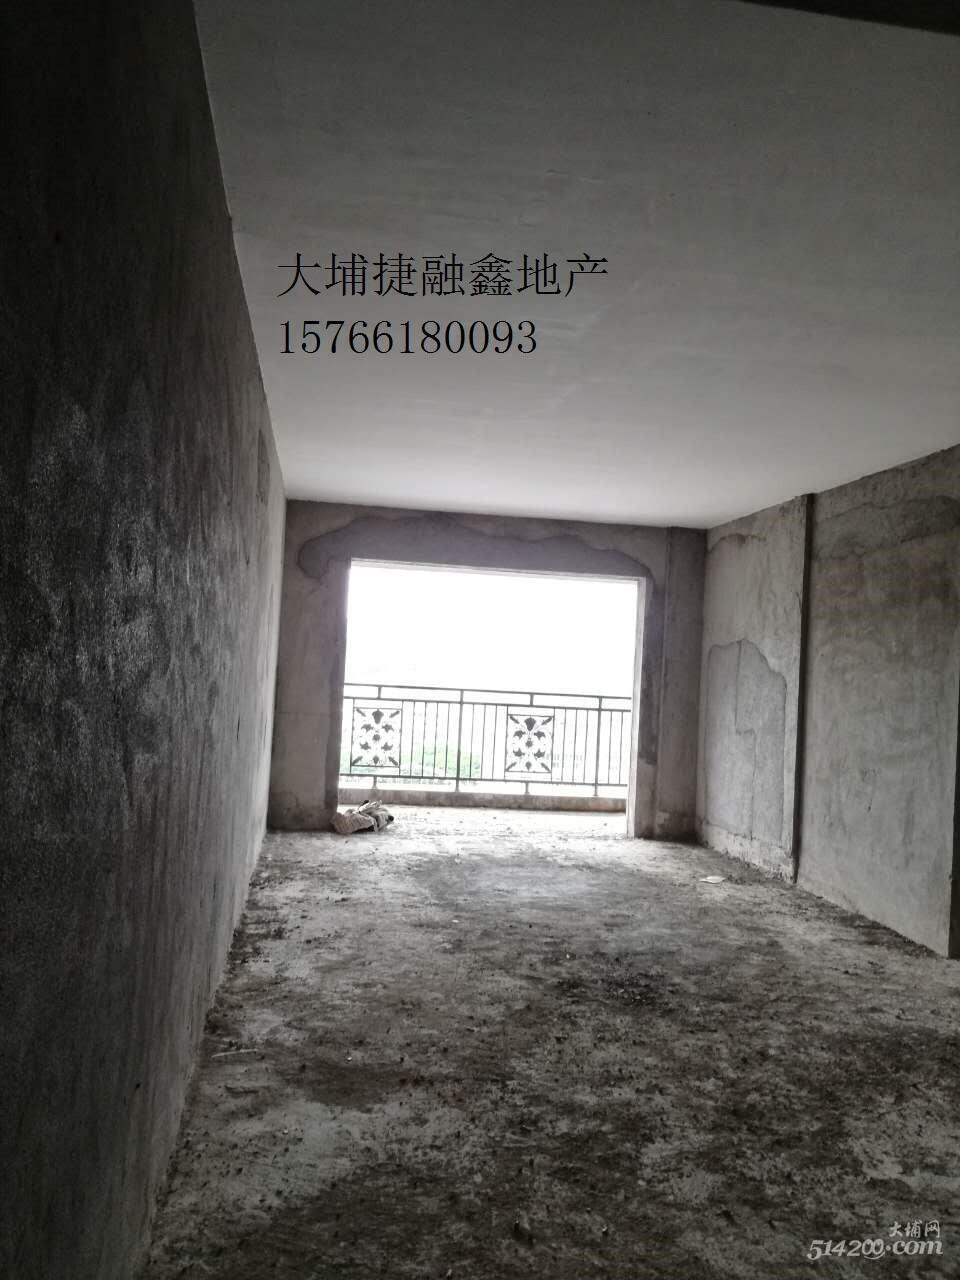 微信图片_20170804101350.jpg